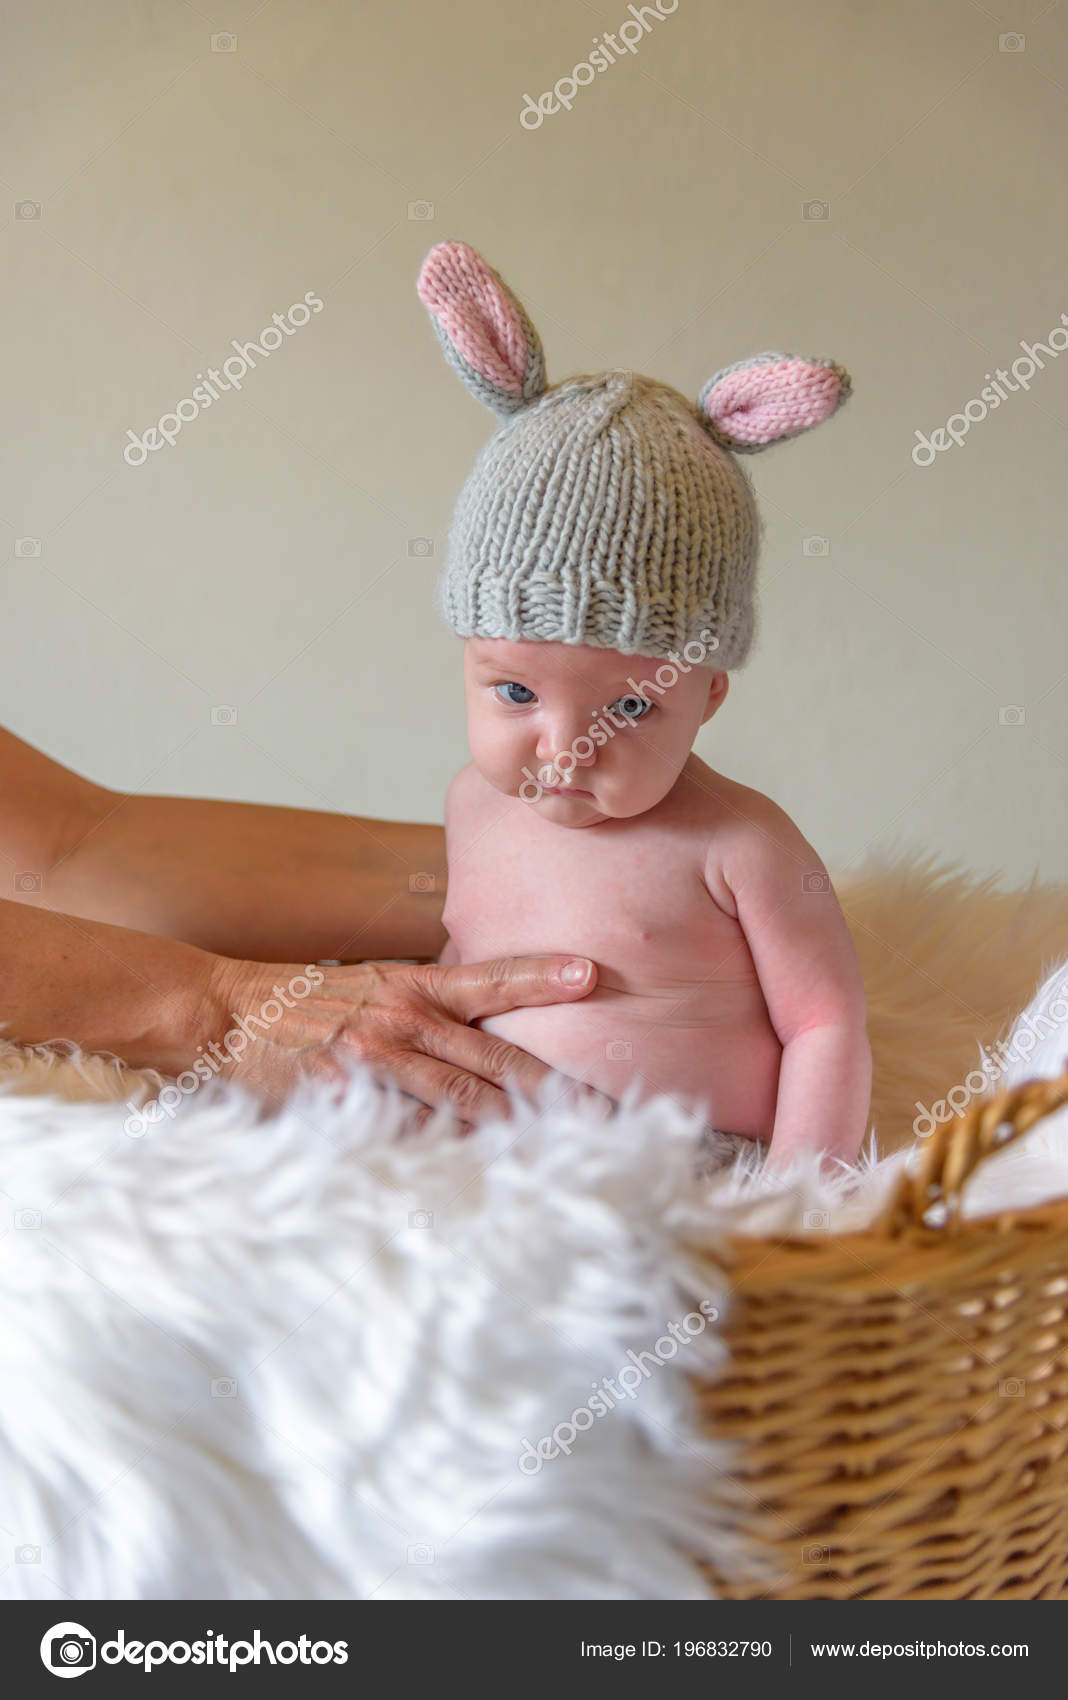 Bébé dans la maison tricot bonnet oreille de lapin assis dans le panier de  Pâques avec une drôle d expression du visage– images de stock libres de  droits 563817faa2d